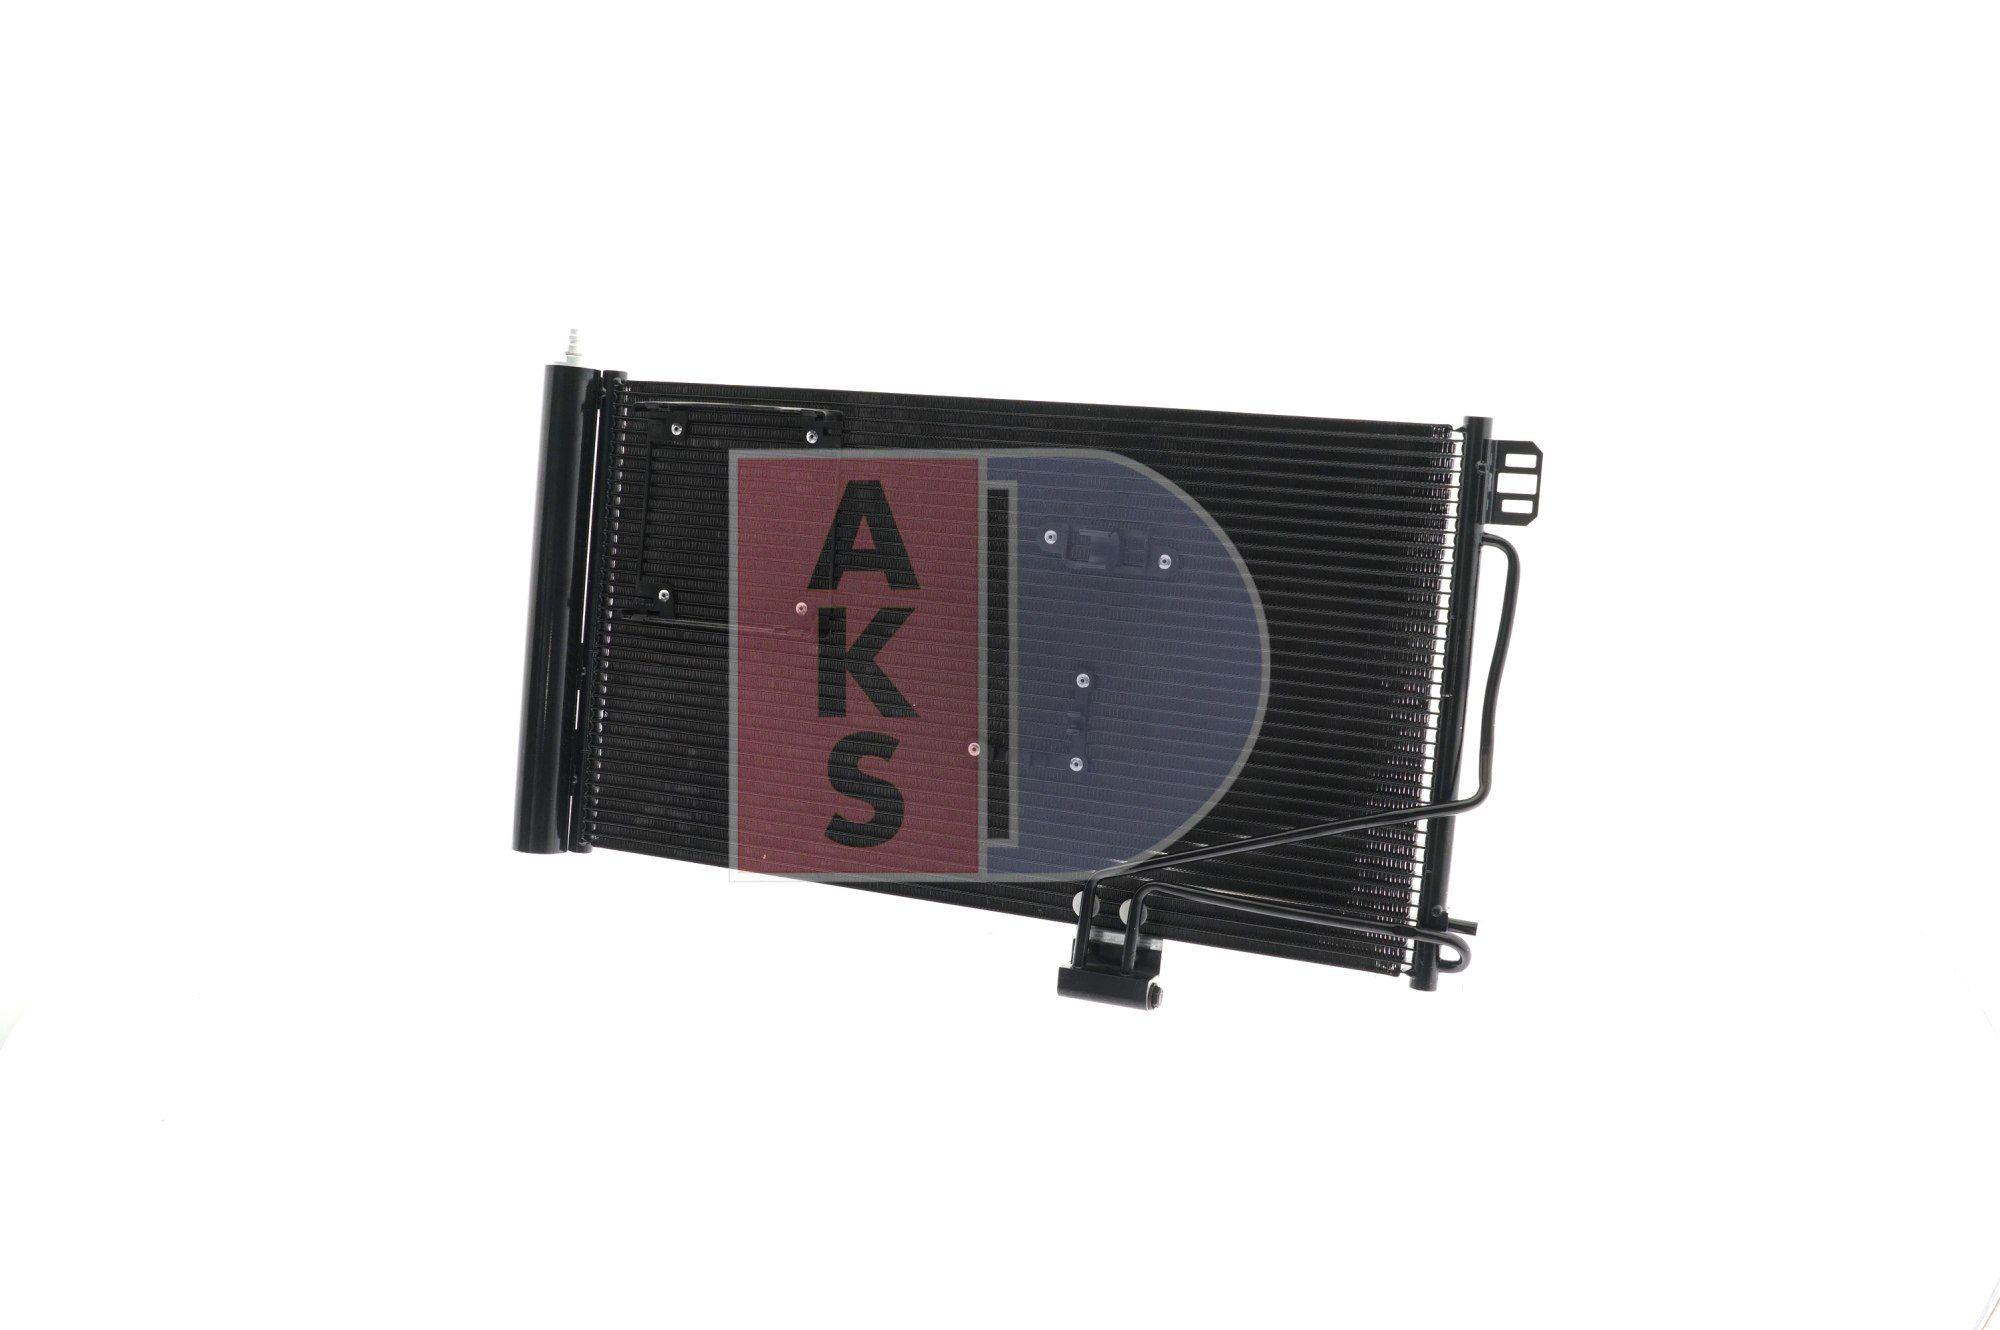 Kondensator Klimaanlage AKS DASIS 123520N Erfahrung